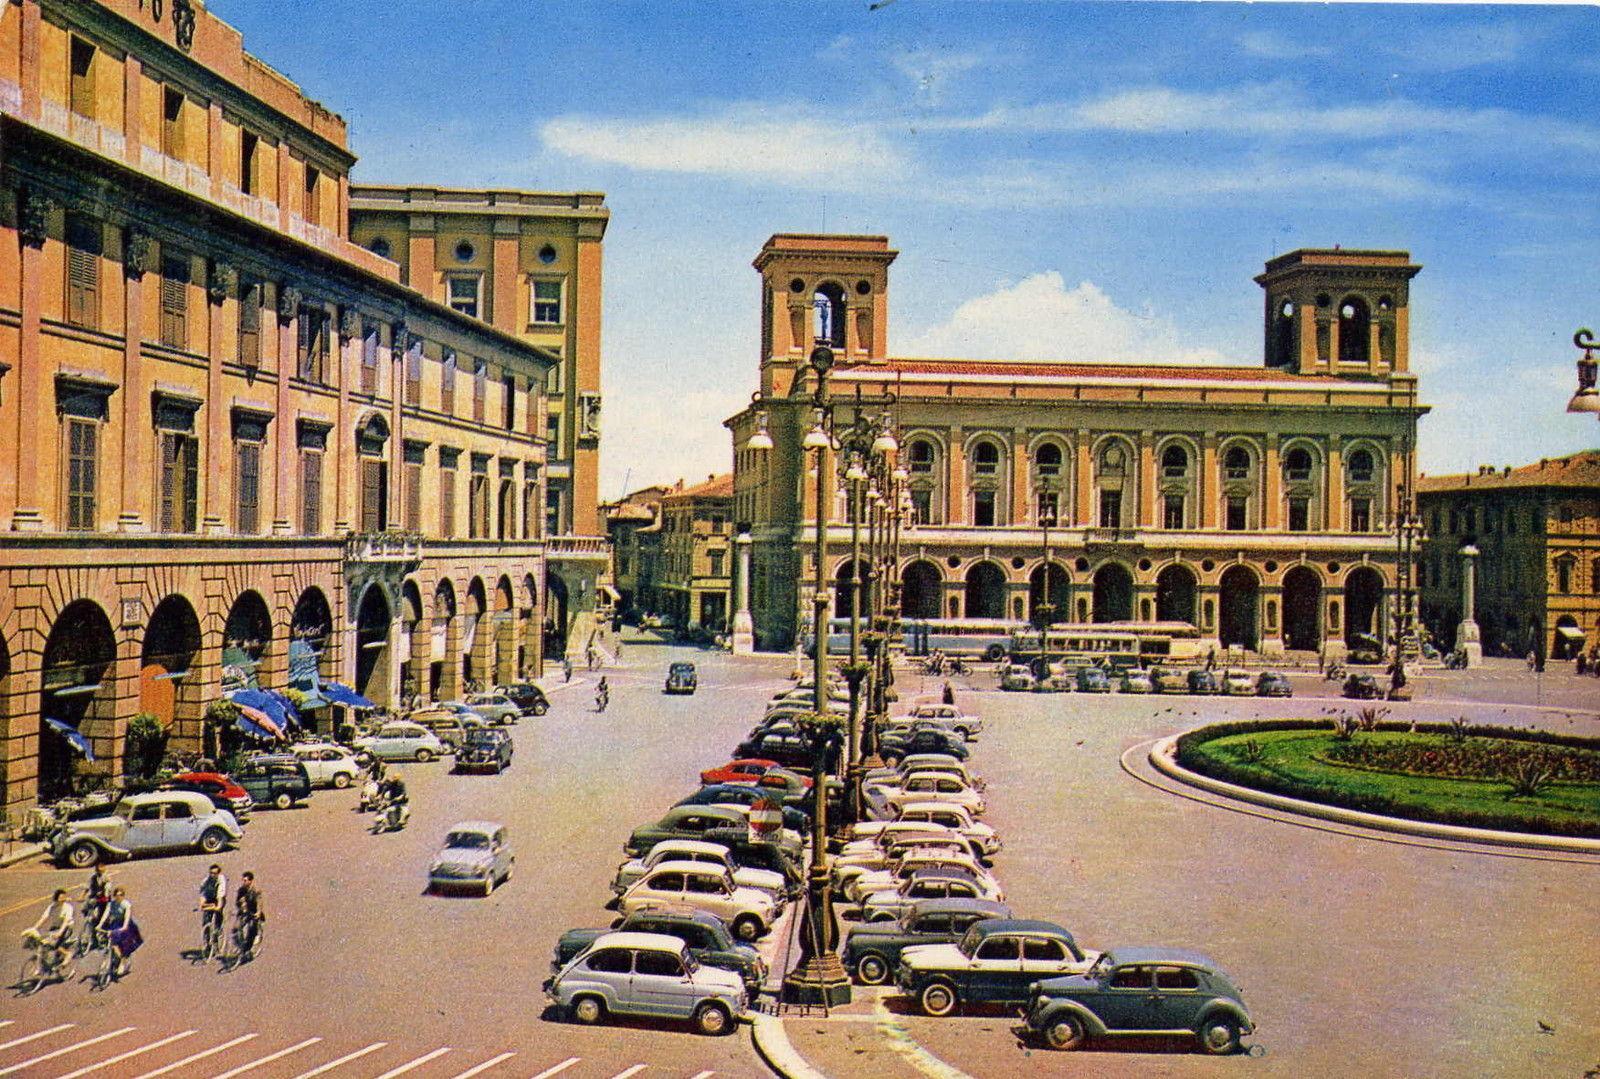 piazza saffi con le auto foto di Donato Zilio